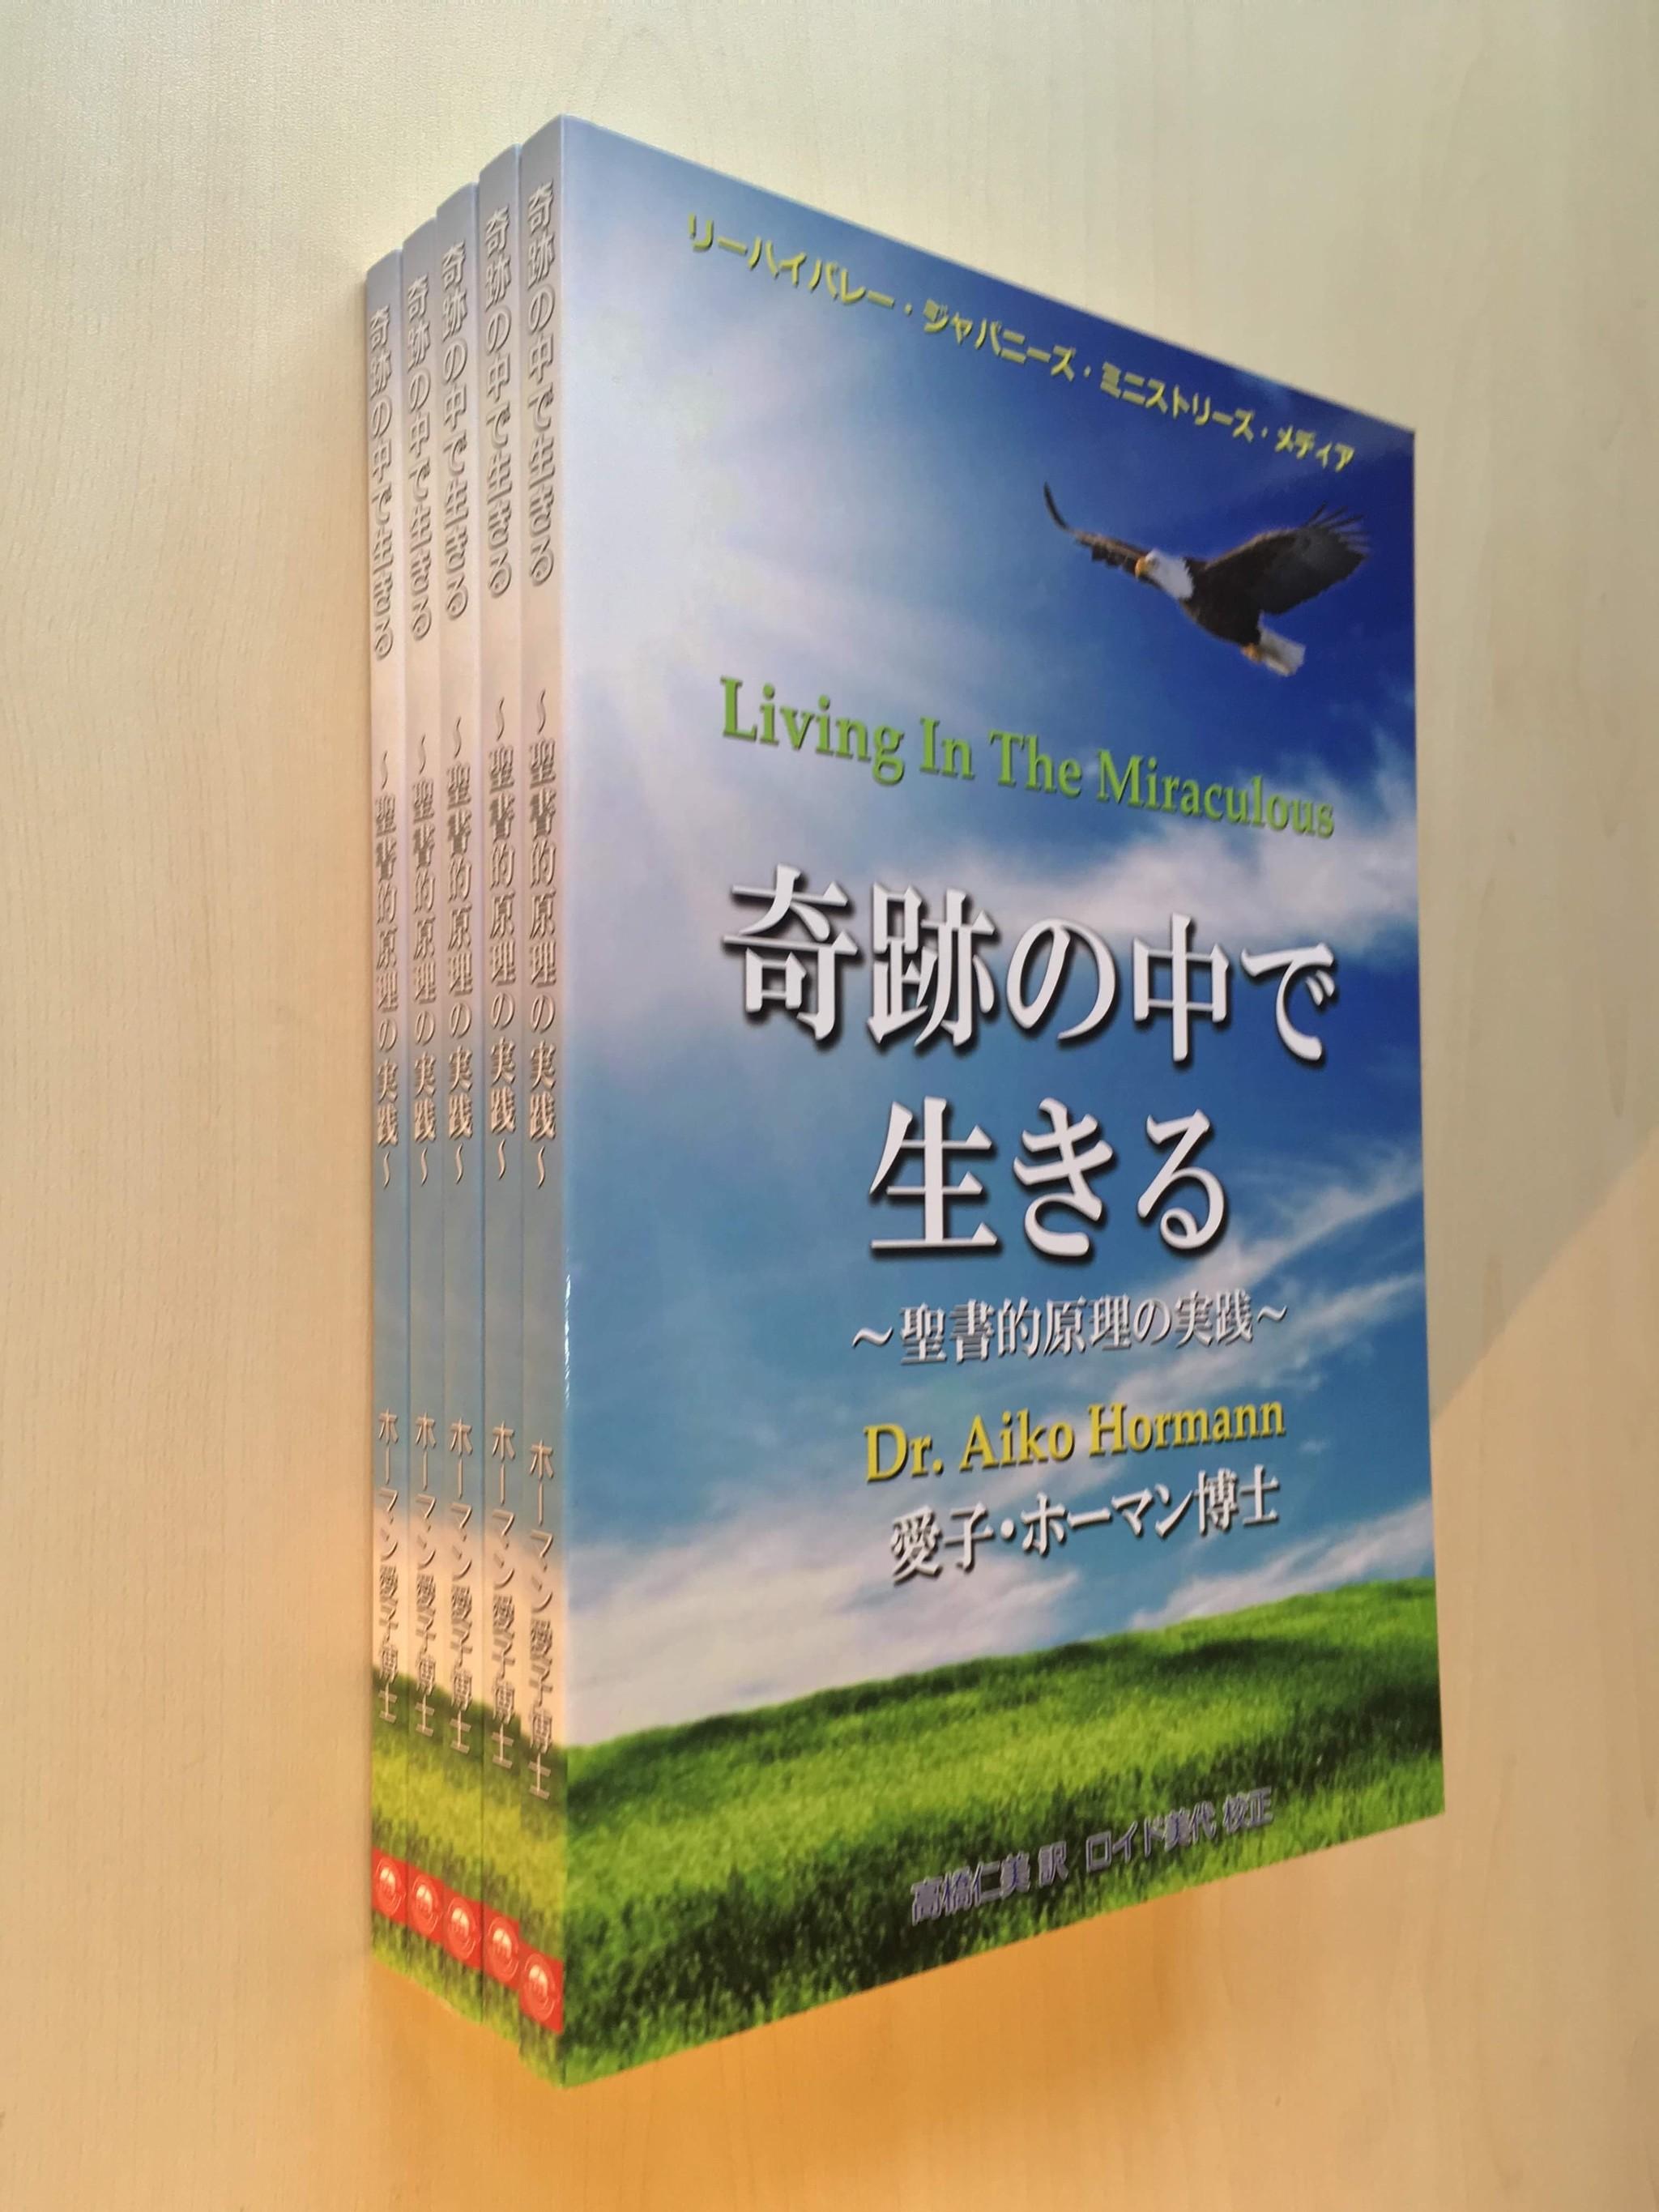 「奇跡の中で生きる」印刷本販売開始!